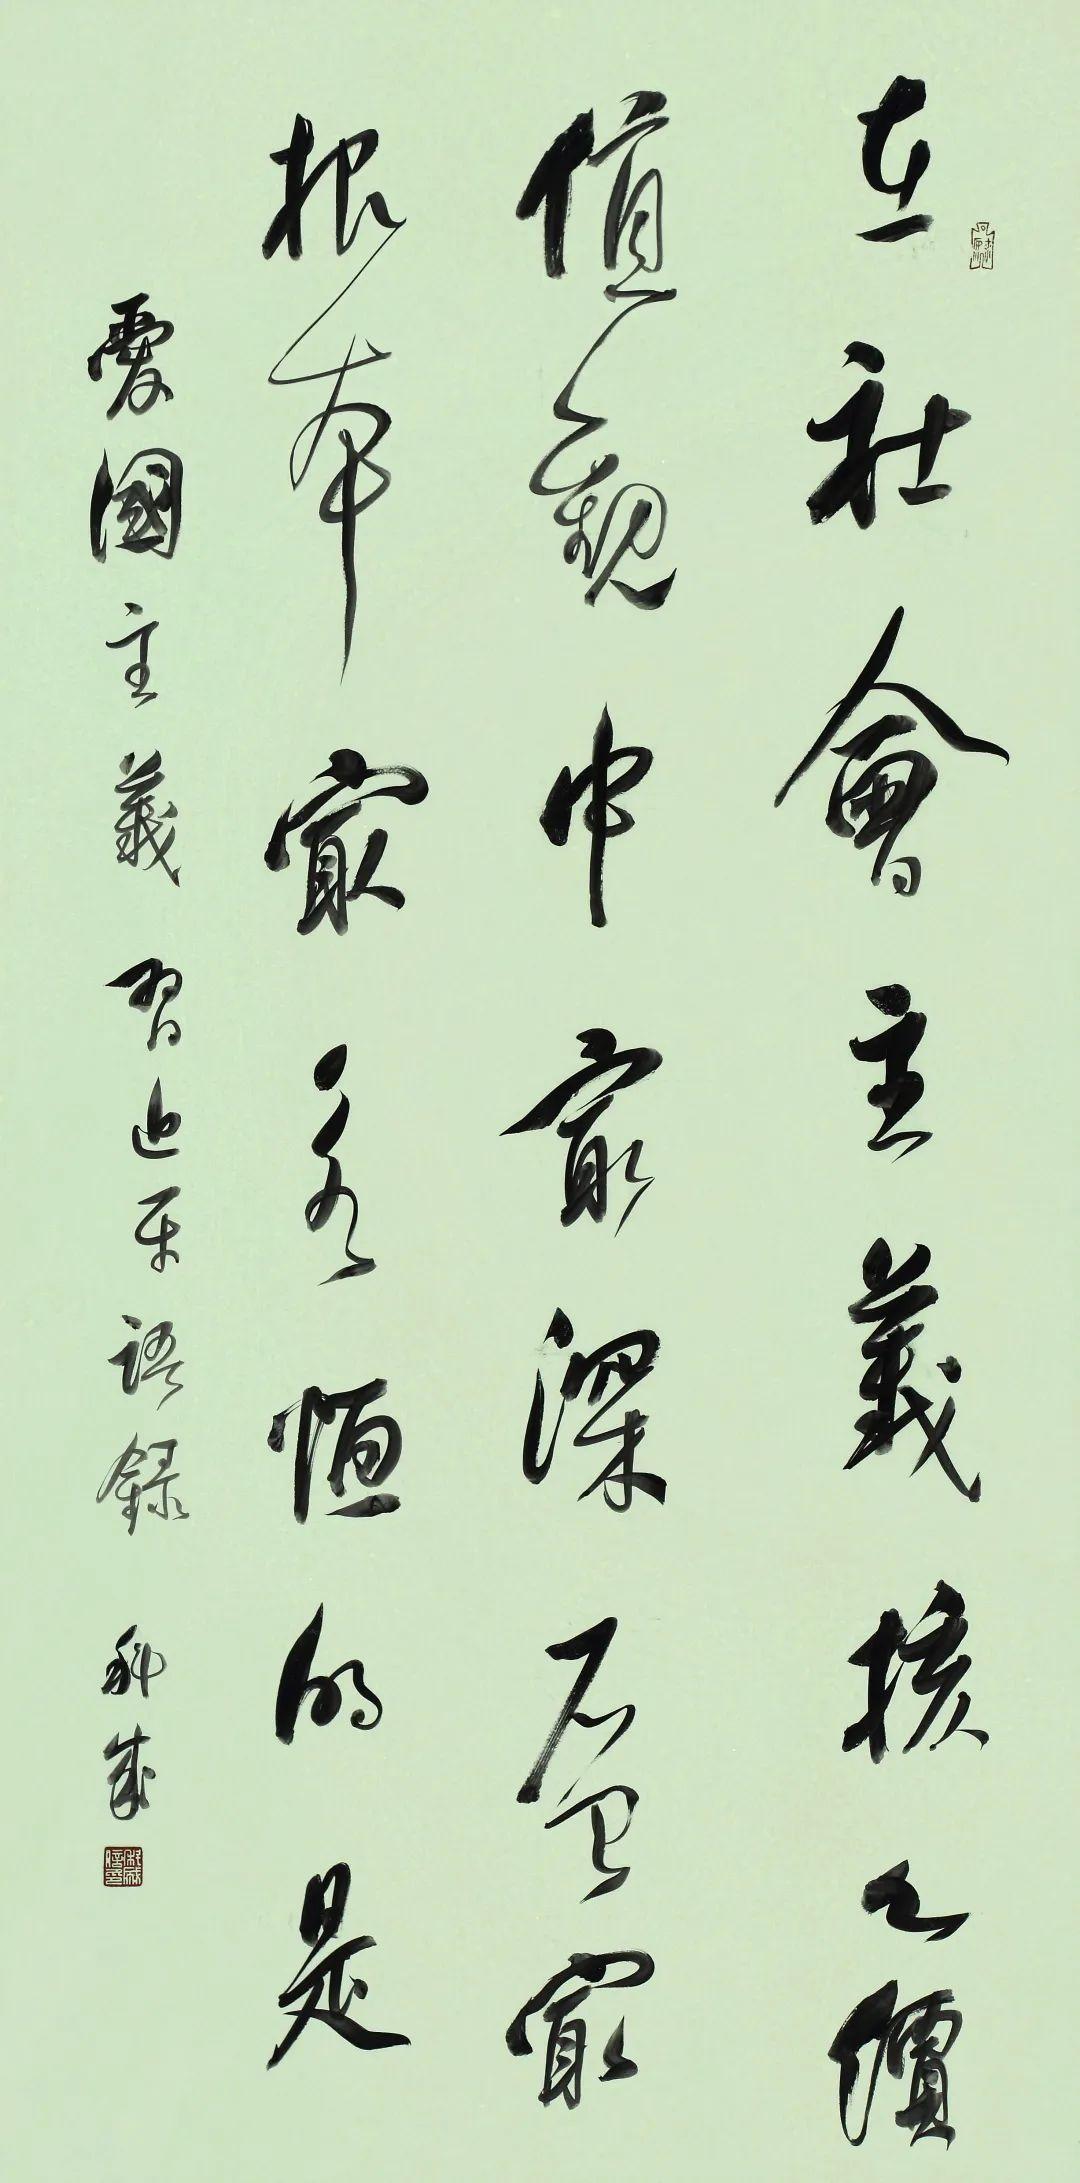 中国书法家协会会员、广州市书法家协会副秘书长、广州市白云区书法家协会名誉主席庞科成